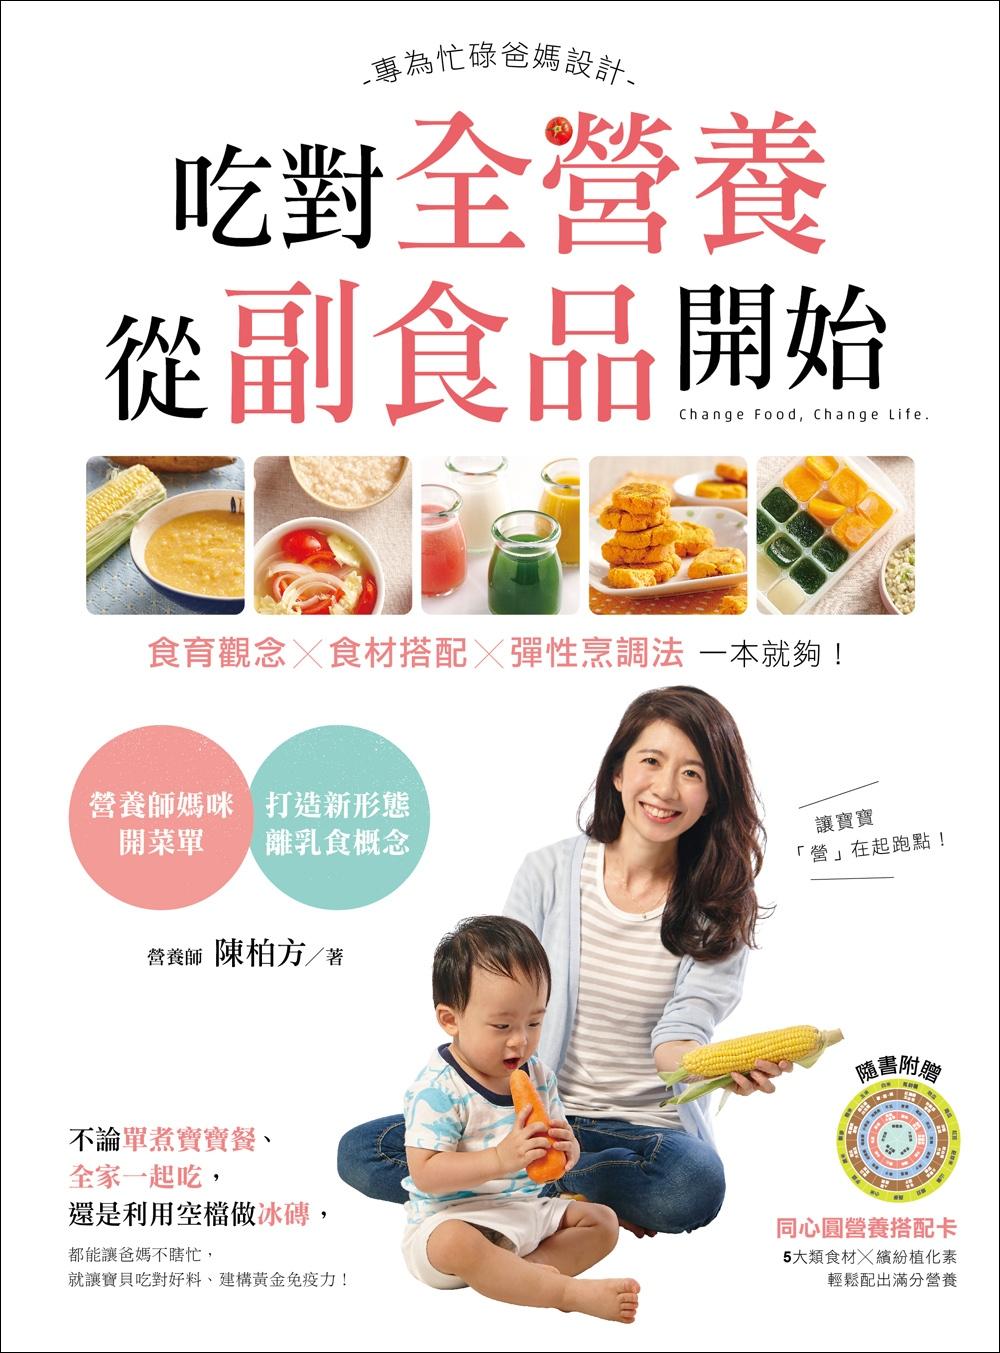 ◤博客來BOOKS◢ 暢銷書榜《推薦》吃對全營養,從副食品開始:專為忙碌爸媽設計,食育觀念x食材搭配x彈性烹調法,一本就夠!(隨書附贈同心圓營養搭配卡)